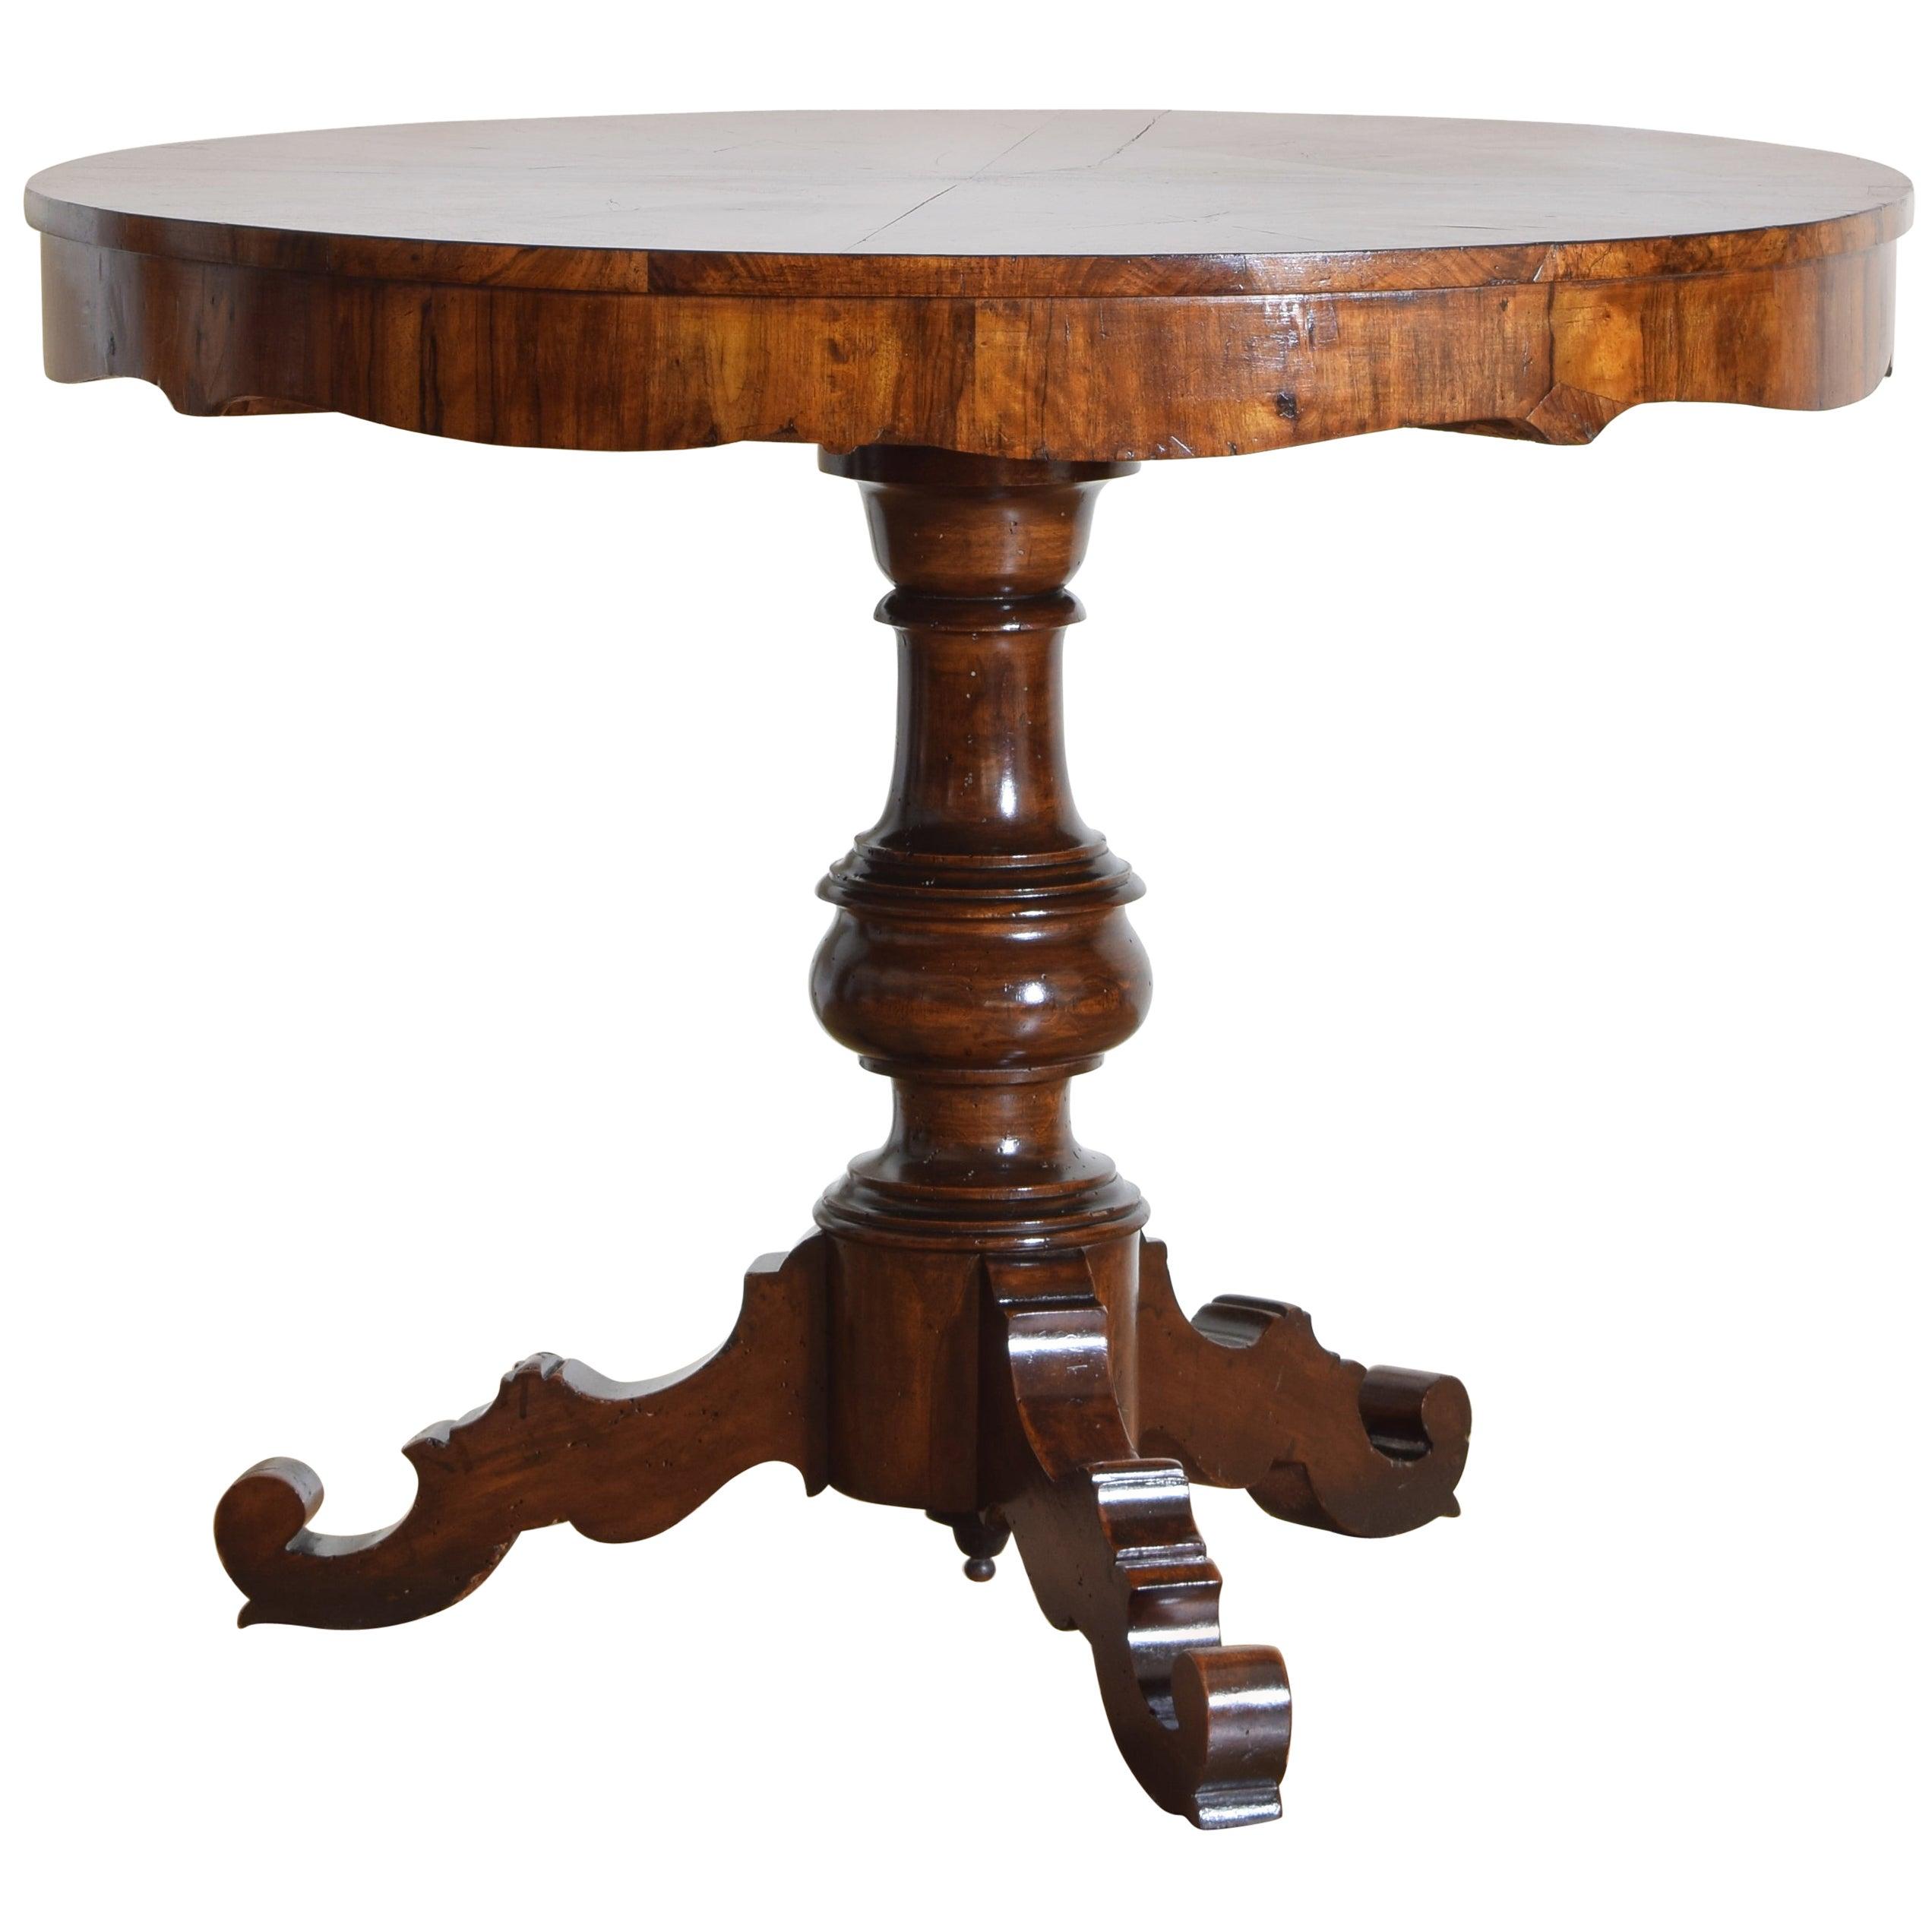 Italian, Veneto, Walnut and Walnut Veneer Center Table